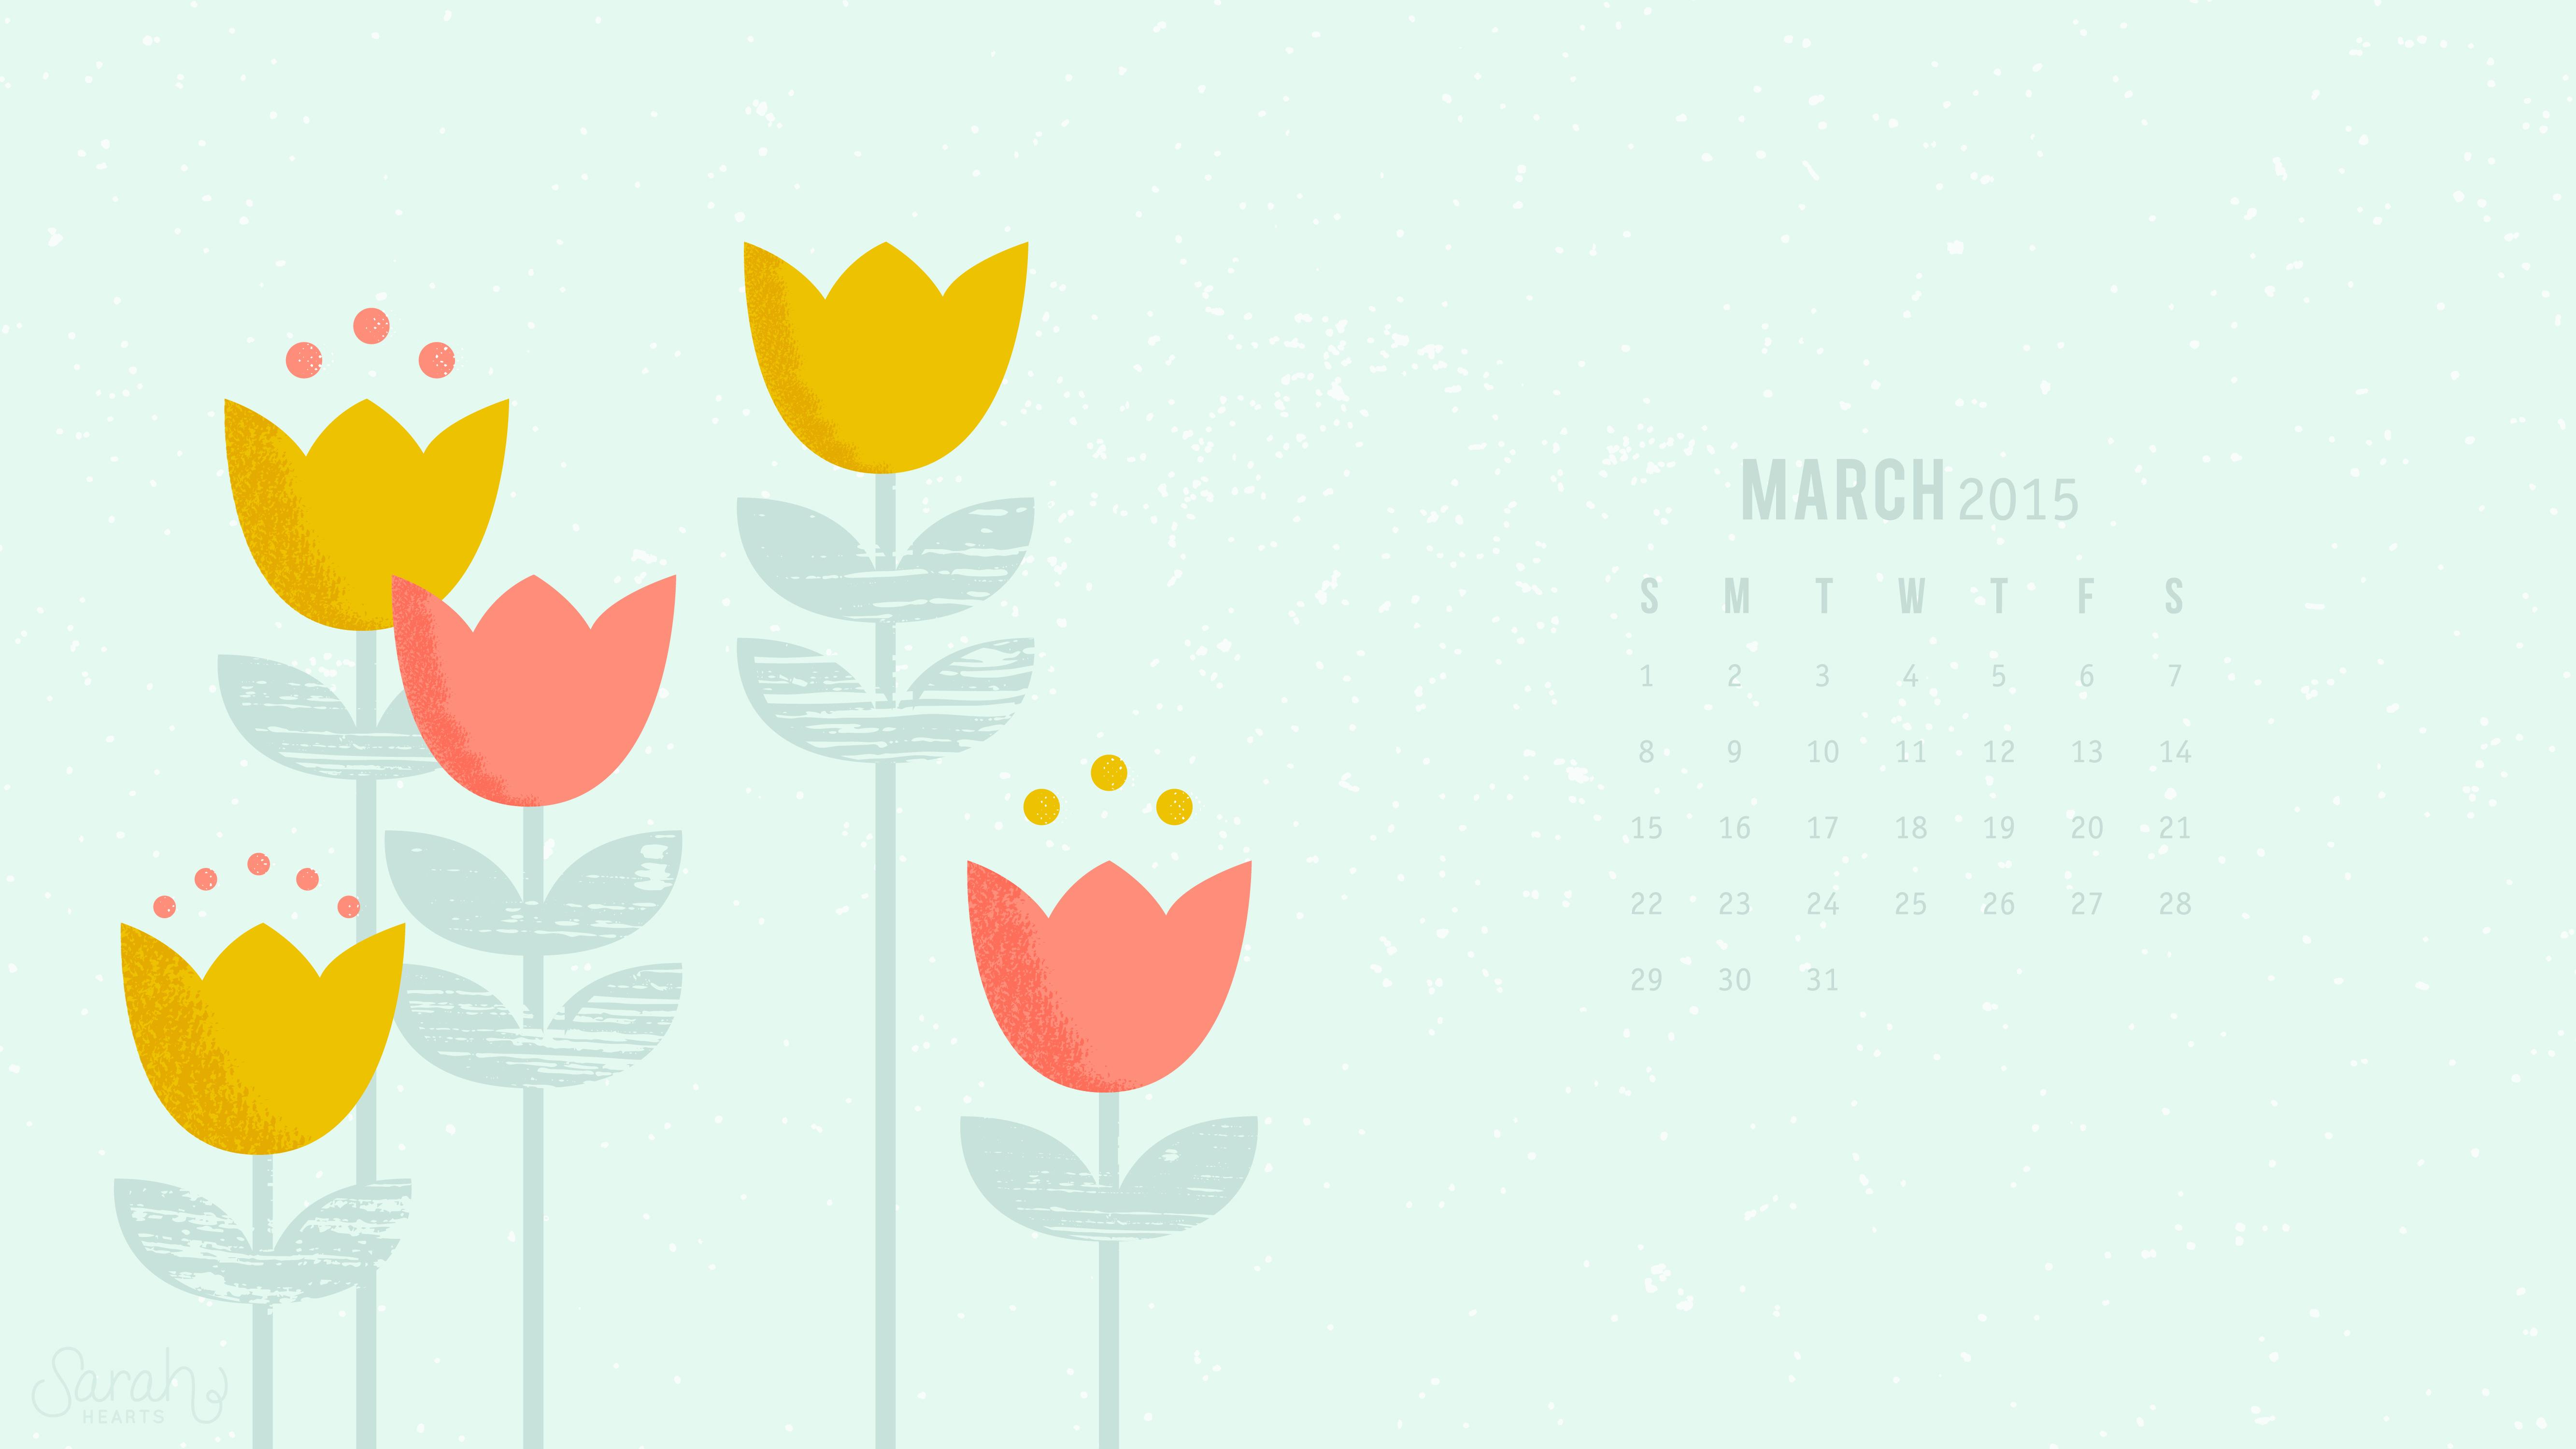 March 2015 Calendar Wallpaper